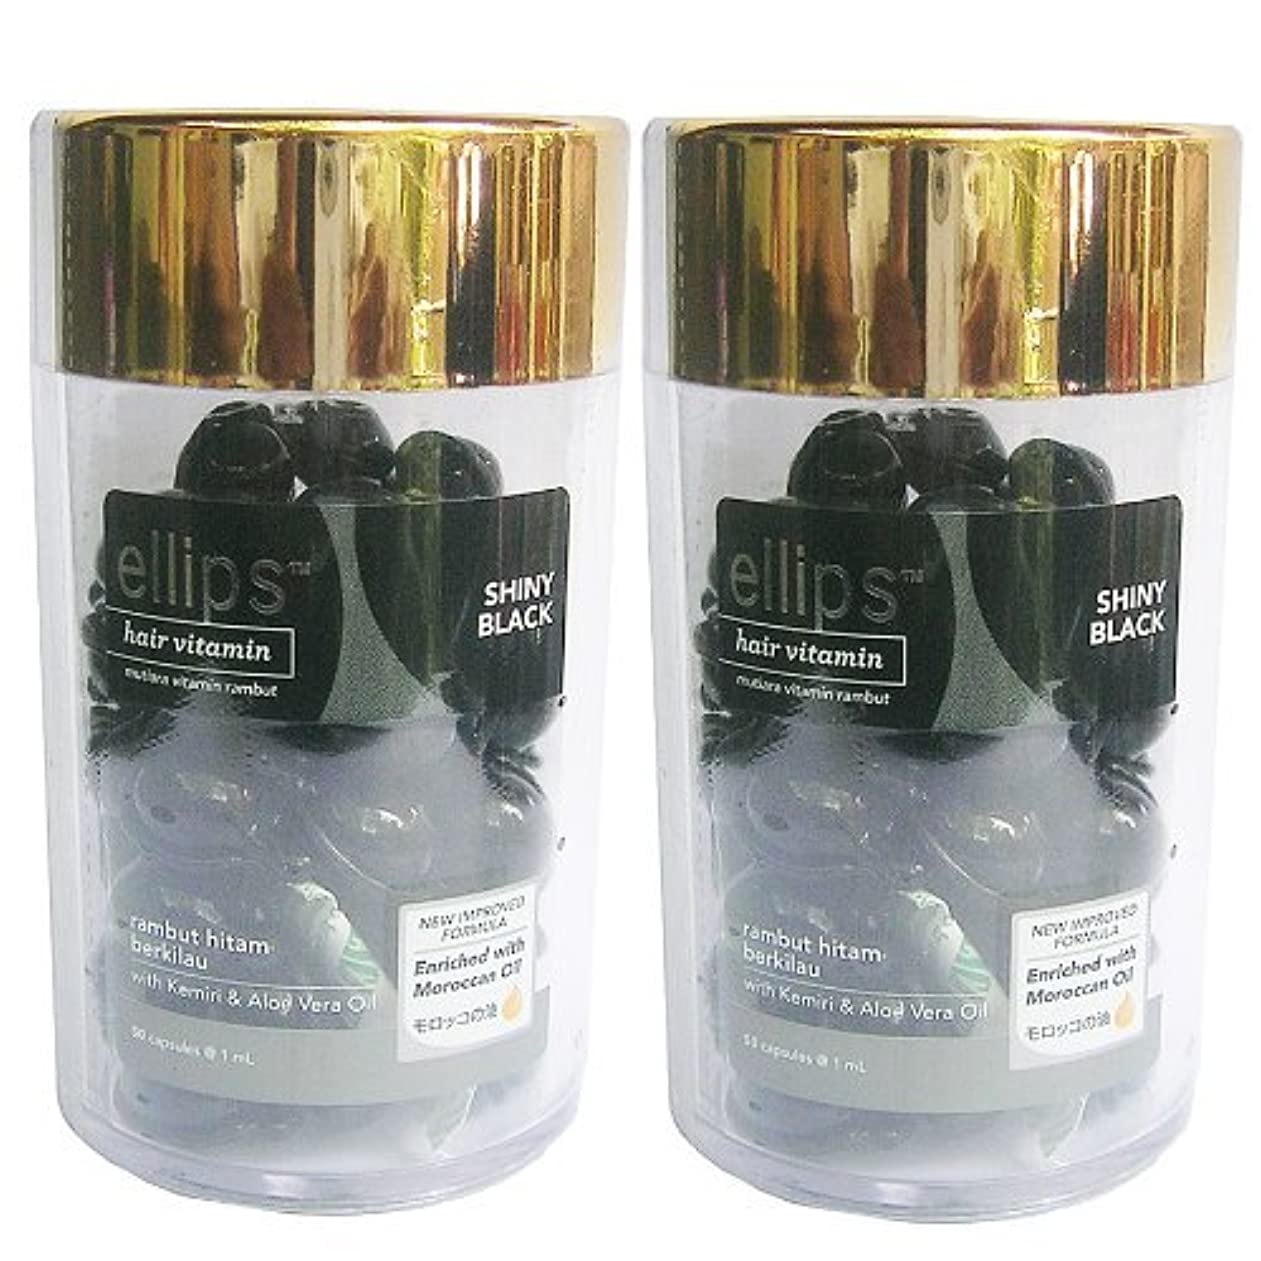 有利アクティビティ直接エリプス(Ellips) ヘアビタミン(50粒入)2個セット ブラック[海外直送品][並行輸入品]